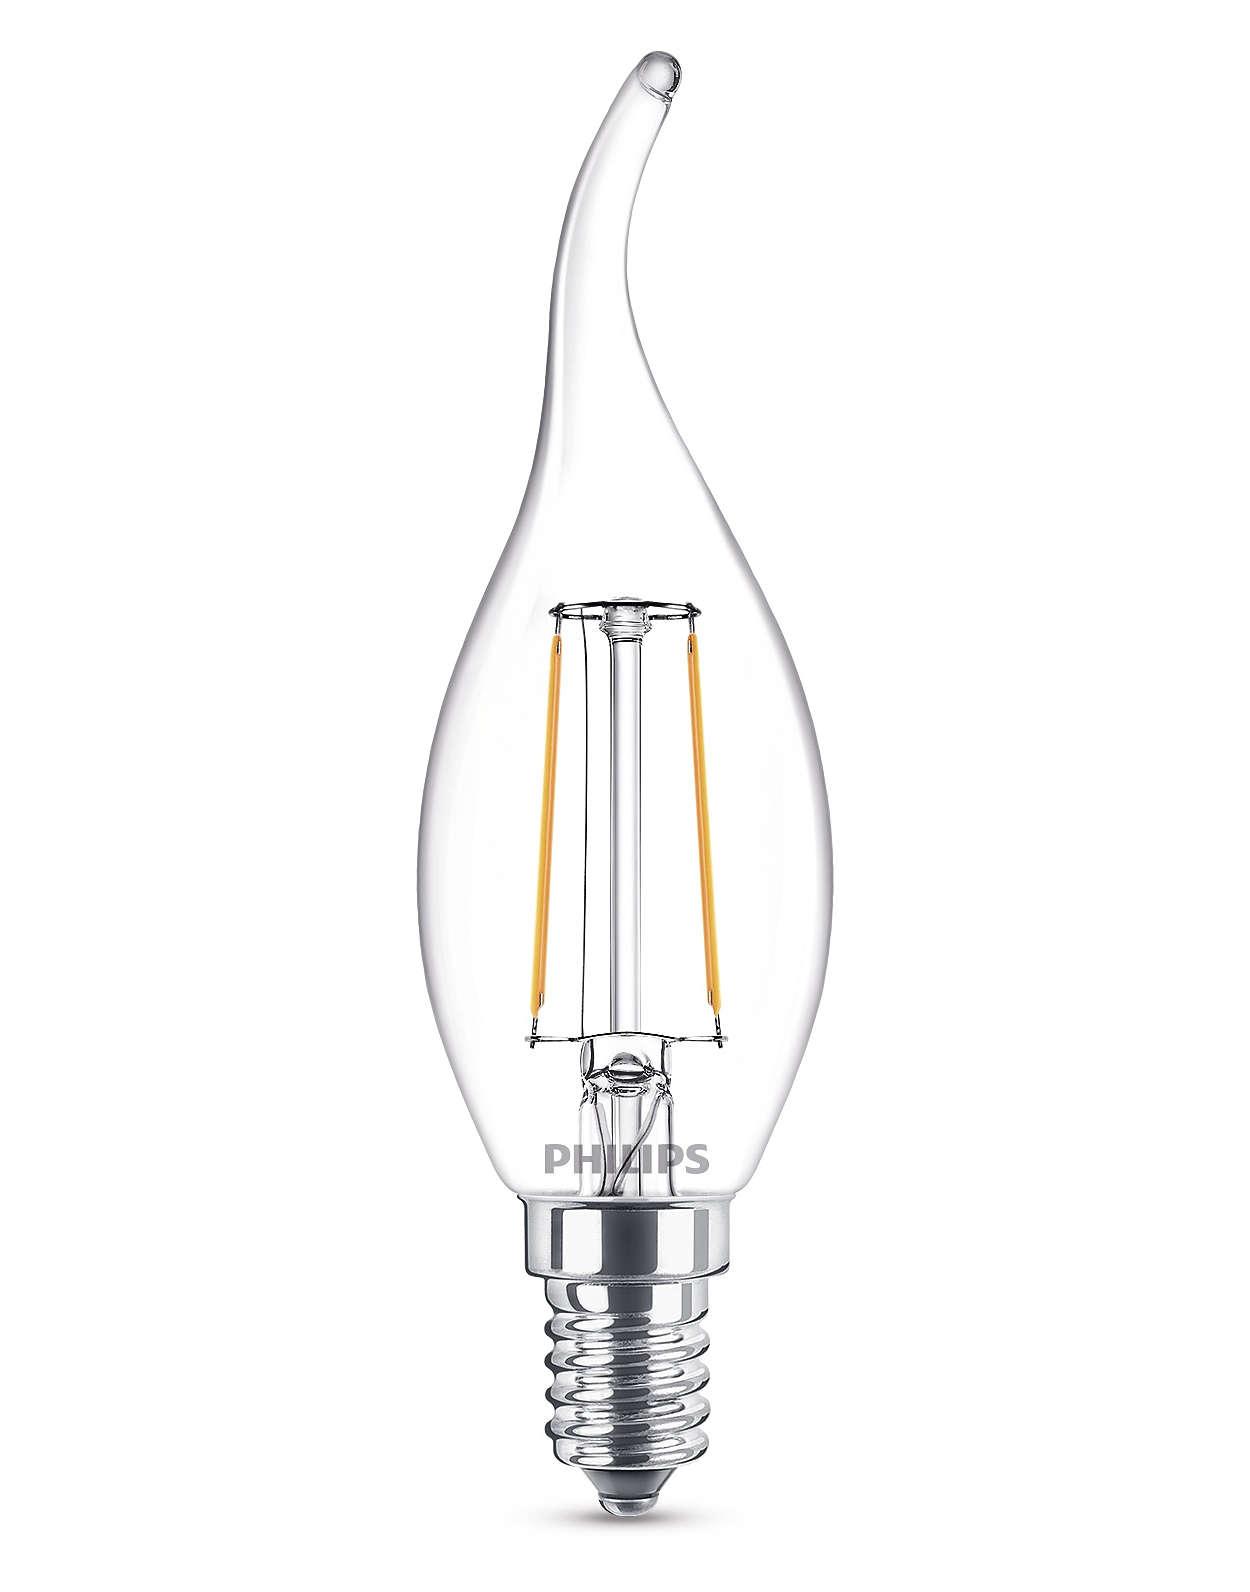 Přepínání světelných nastavení bez výměny žárovek